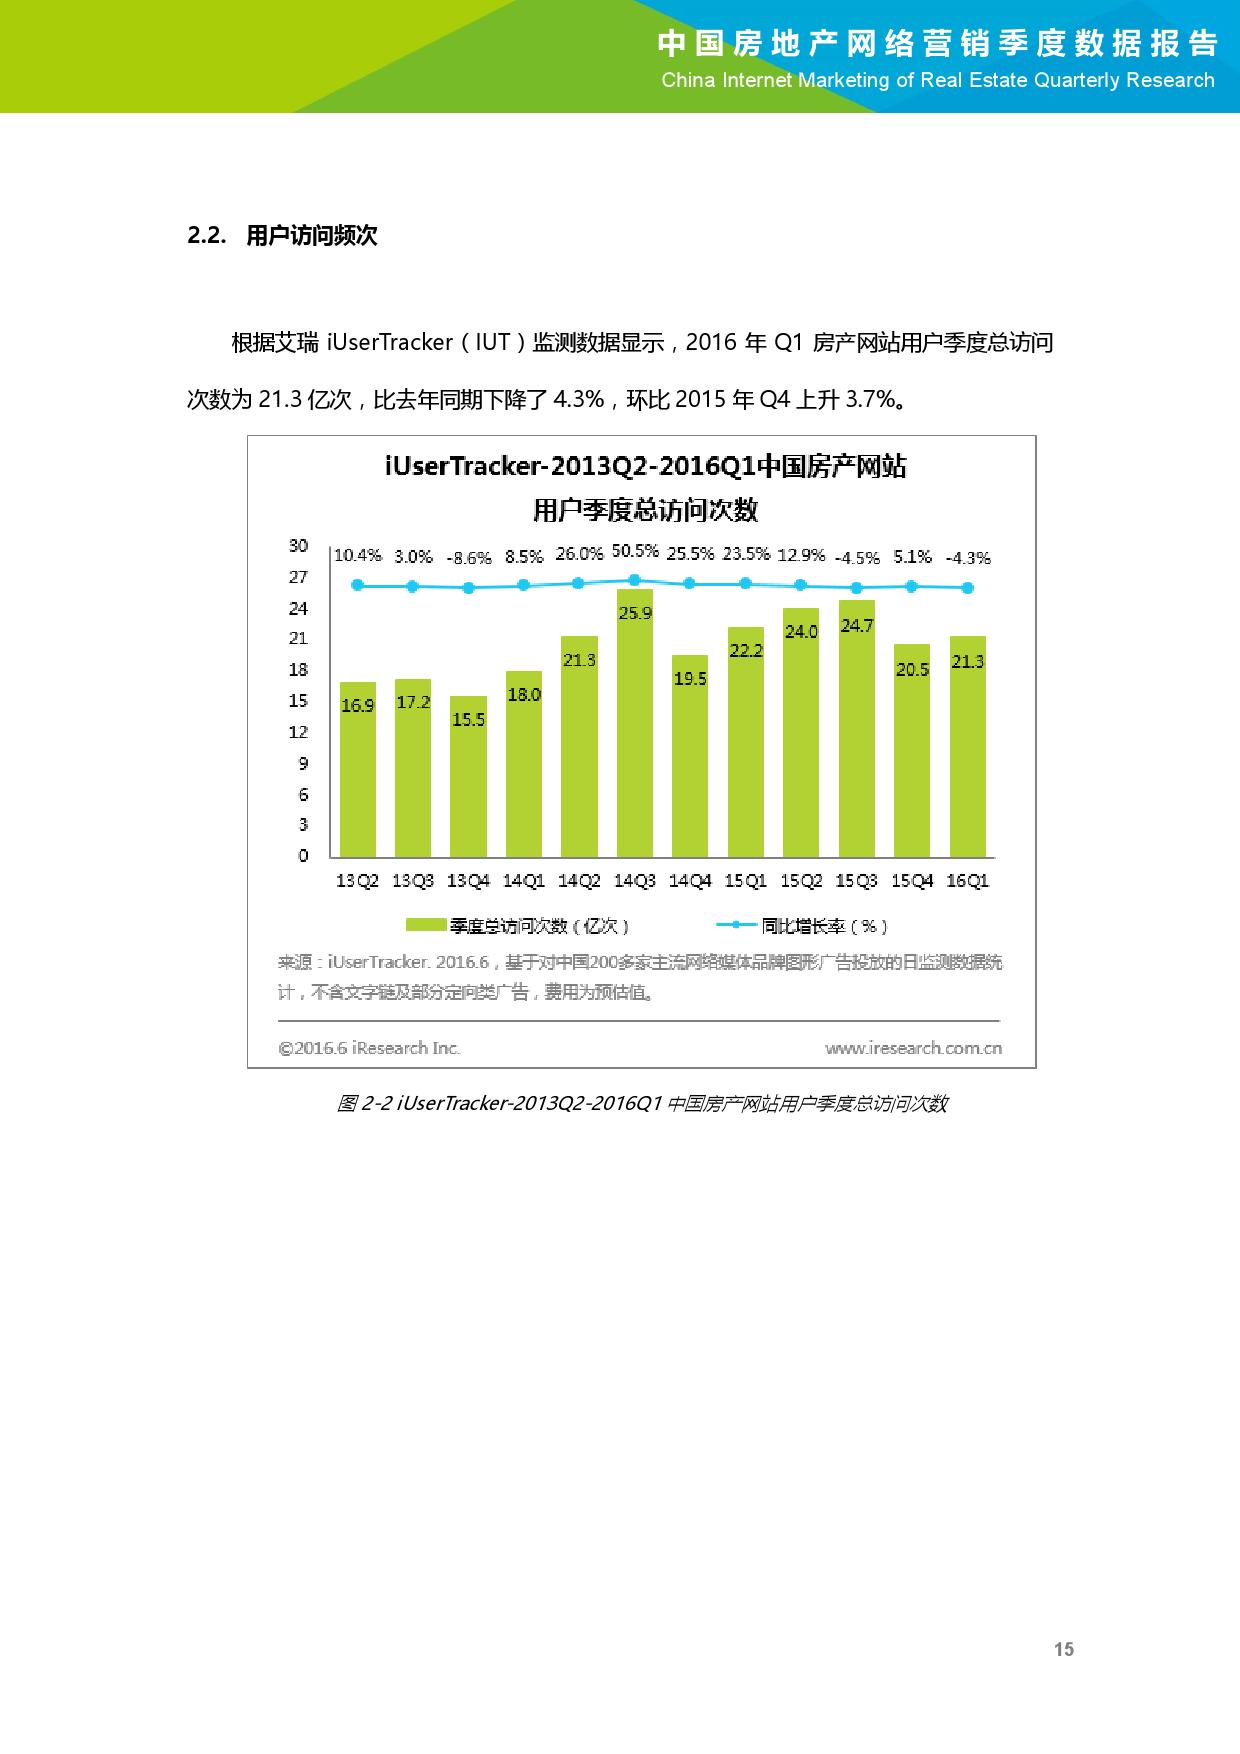 2016年Q1中国房地产网络营销季度数据报告_000016